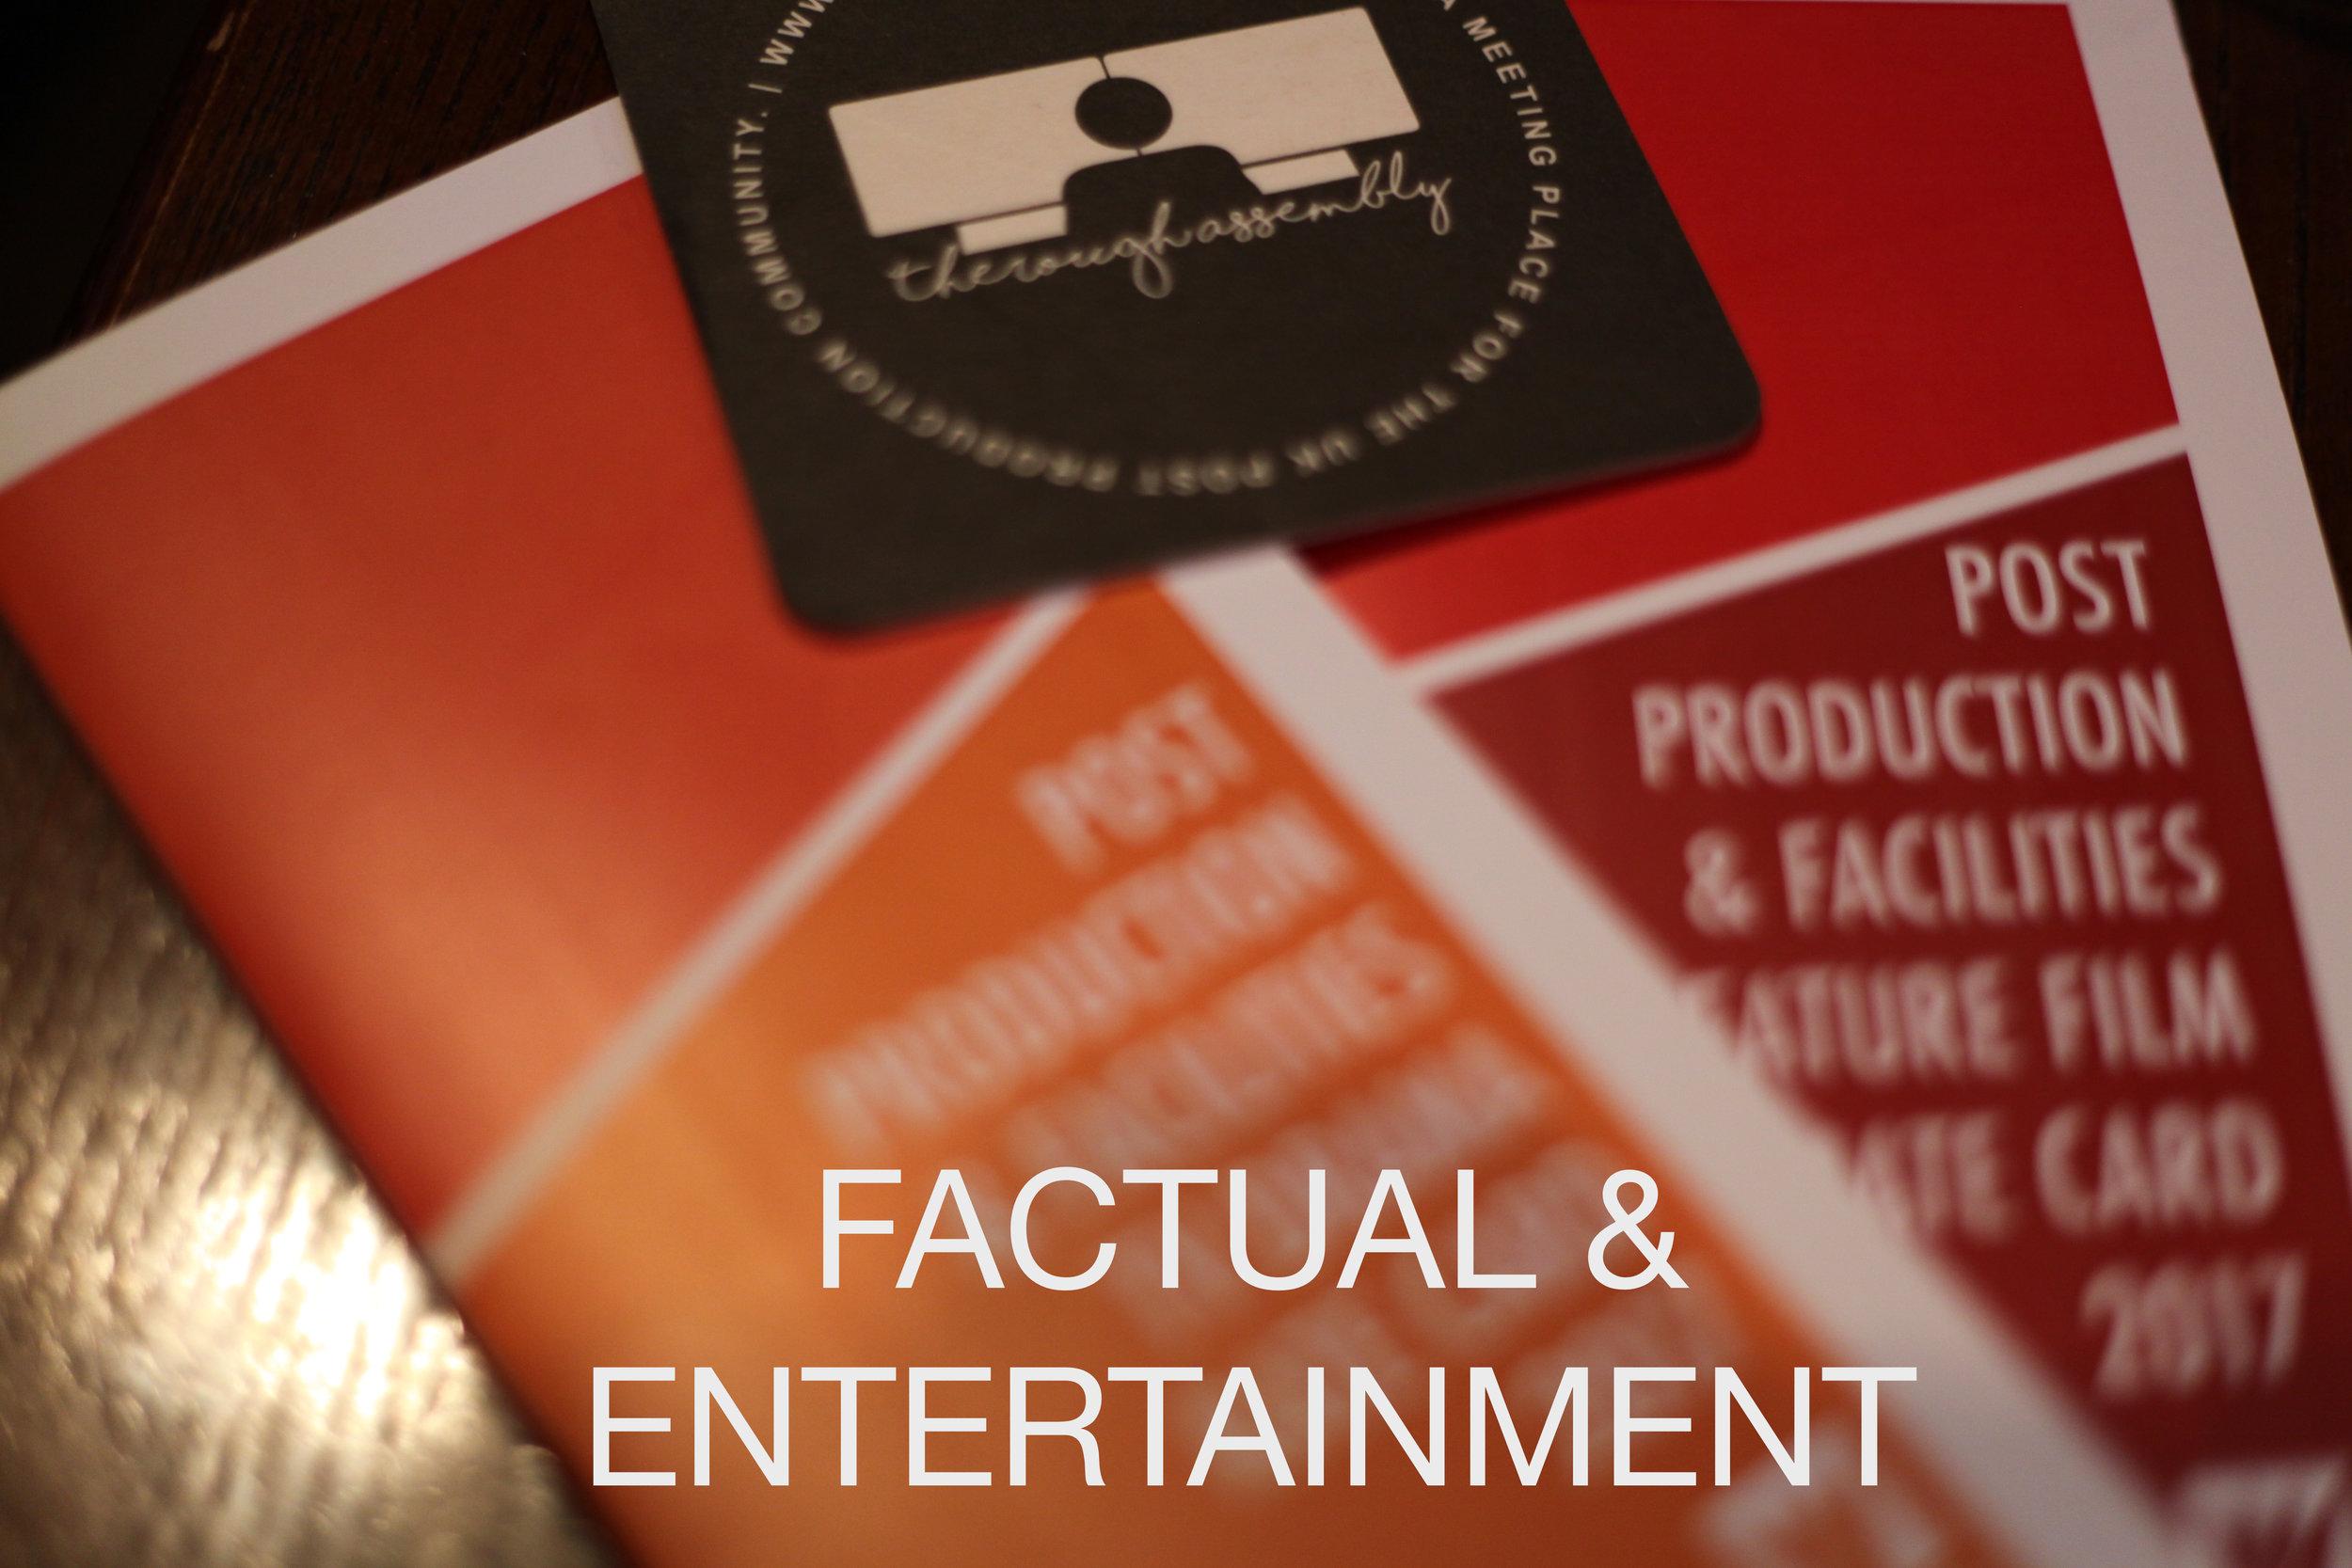 Factual & Entertainment.jpg